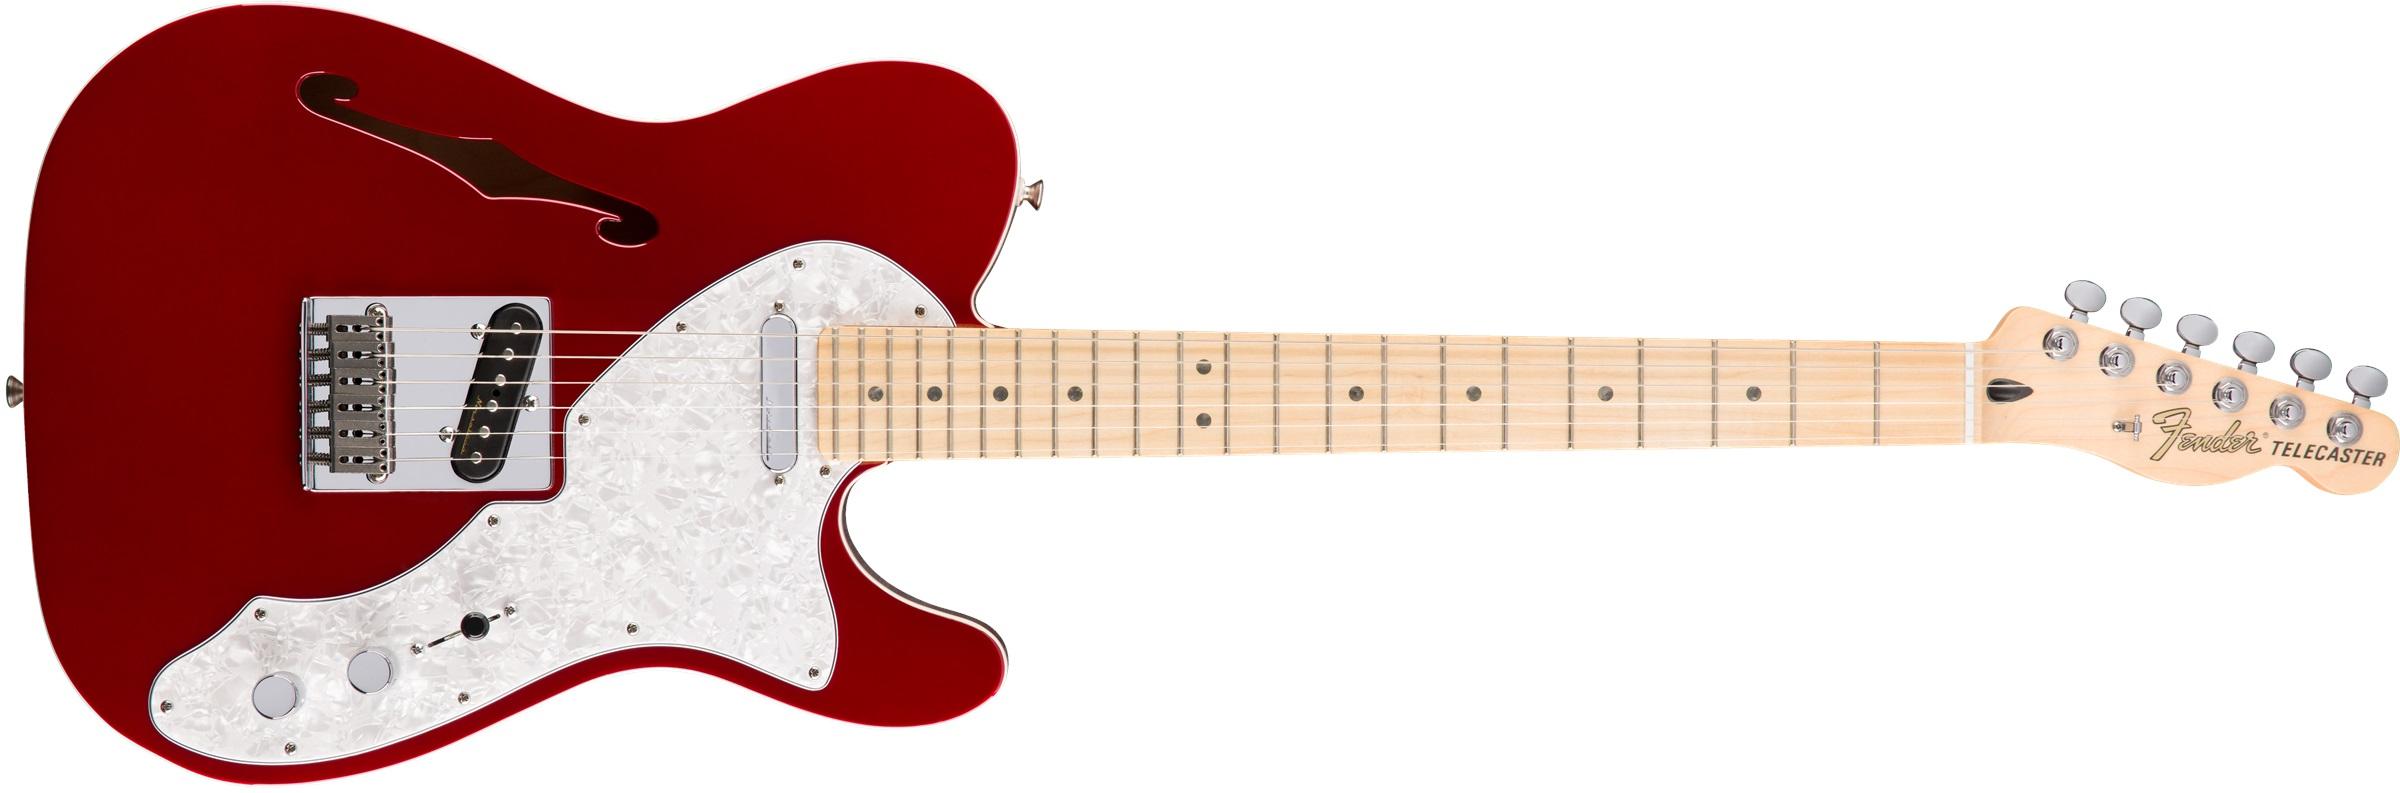 Fender Deluxe Telecaster Thinline MN CAR